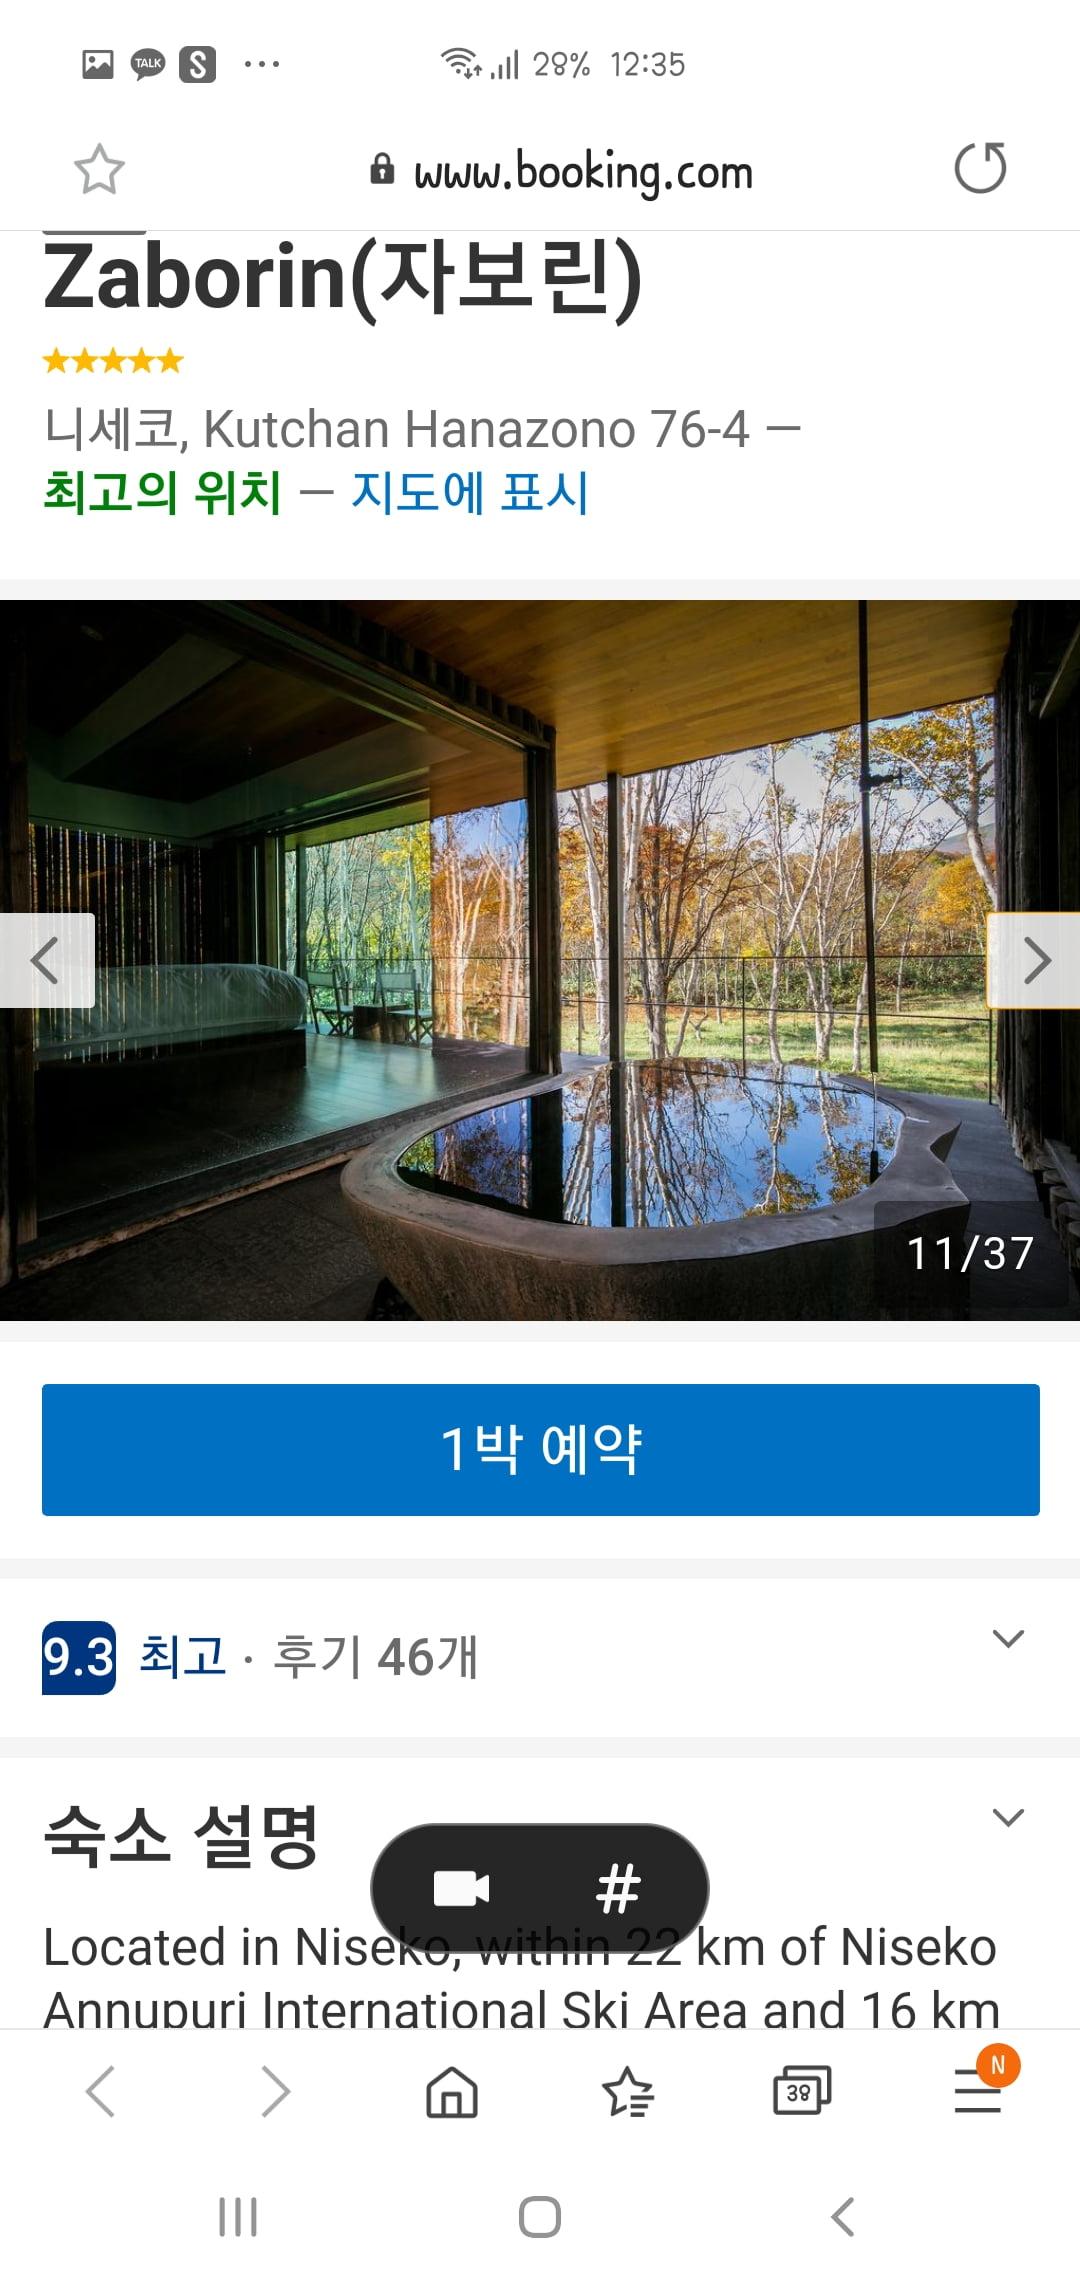 viewimage.php?no=24b0d769e1d32ca73fed8ffa11d028317805b44c4c832ef9bd9f2eca3c37a89f825125829ba3098a743c03b446a756f4405acfbe1143c3e54f8c19b3f4acfa3849a53f4a858fcdd9b49e1765b563b422ffe25db23d41d07d7141f8fddc3f797acc3423814bc36a52c2386d